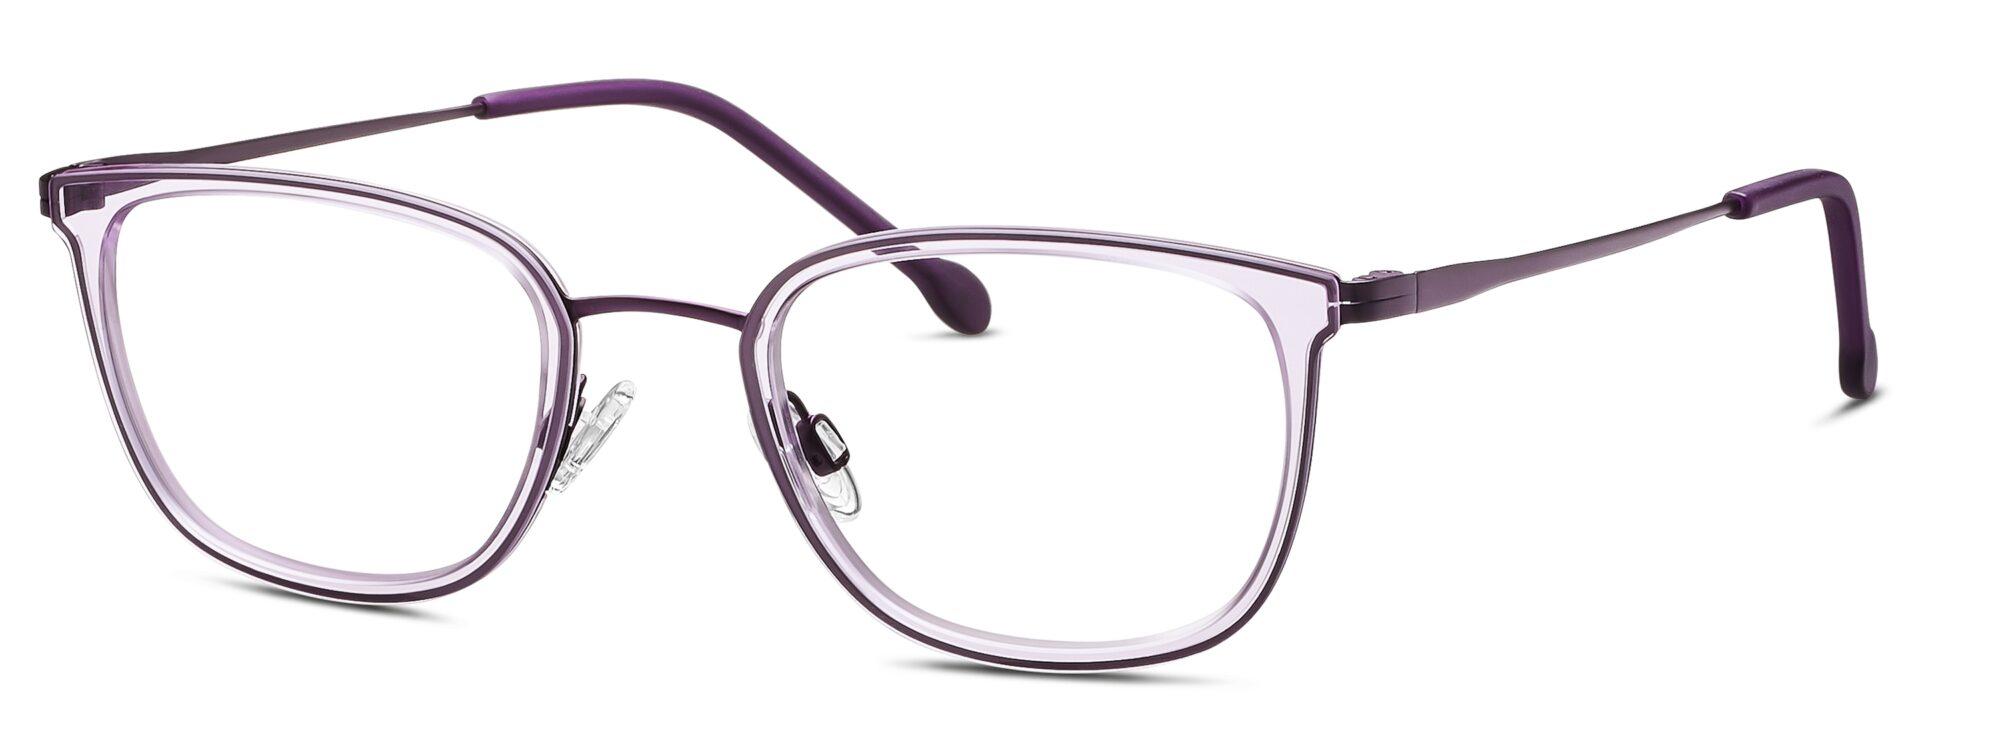 TITANFLEX - 830099-50